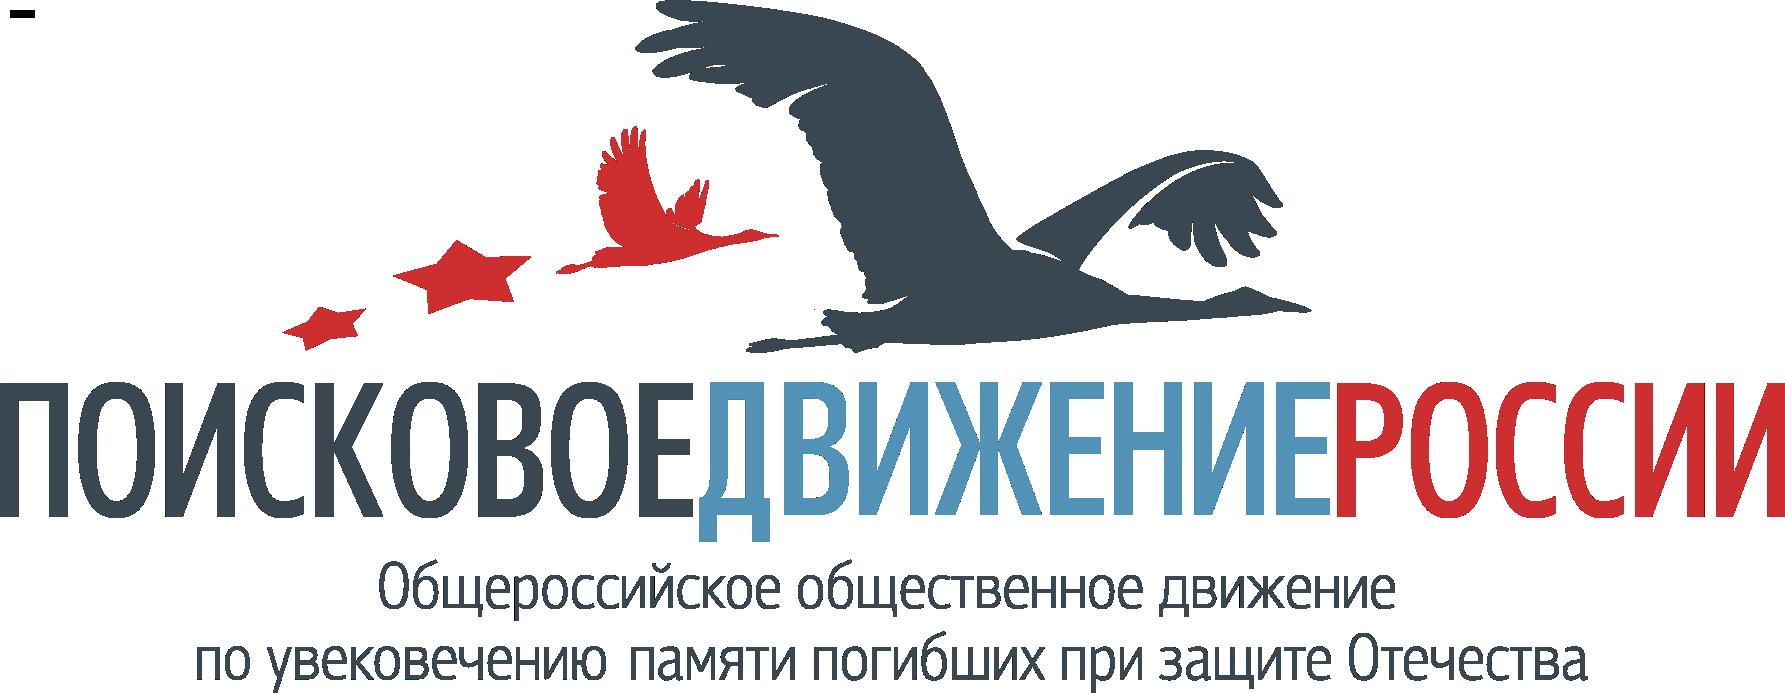 Ссылка Поисковое Движение России